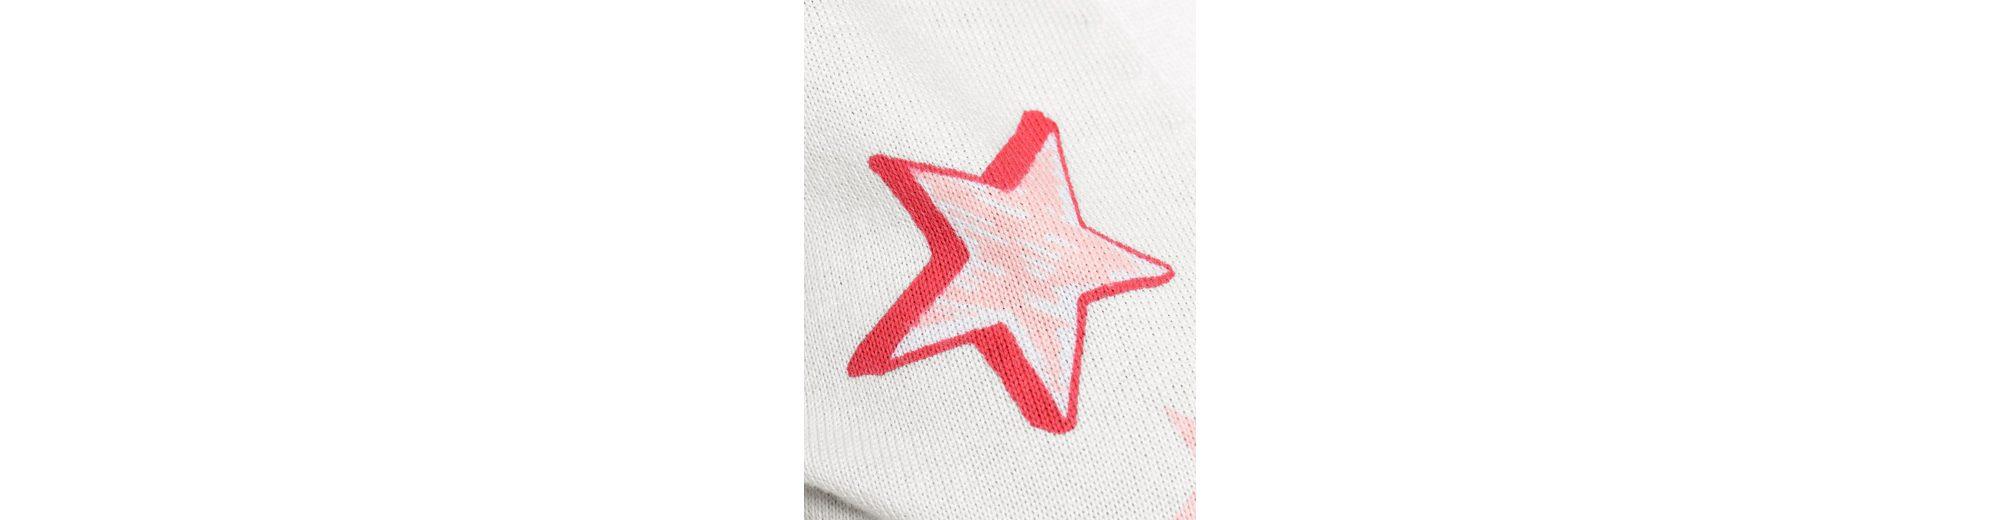 Alba Moda Strickjacke mit ALBA MODA exklusivem Sternedruck Auslass Veröffentlichungstermine HptThSI21